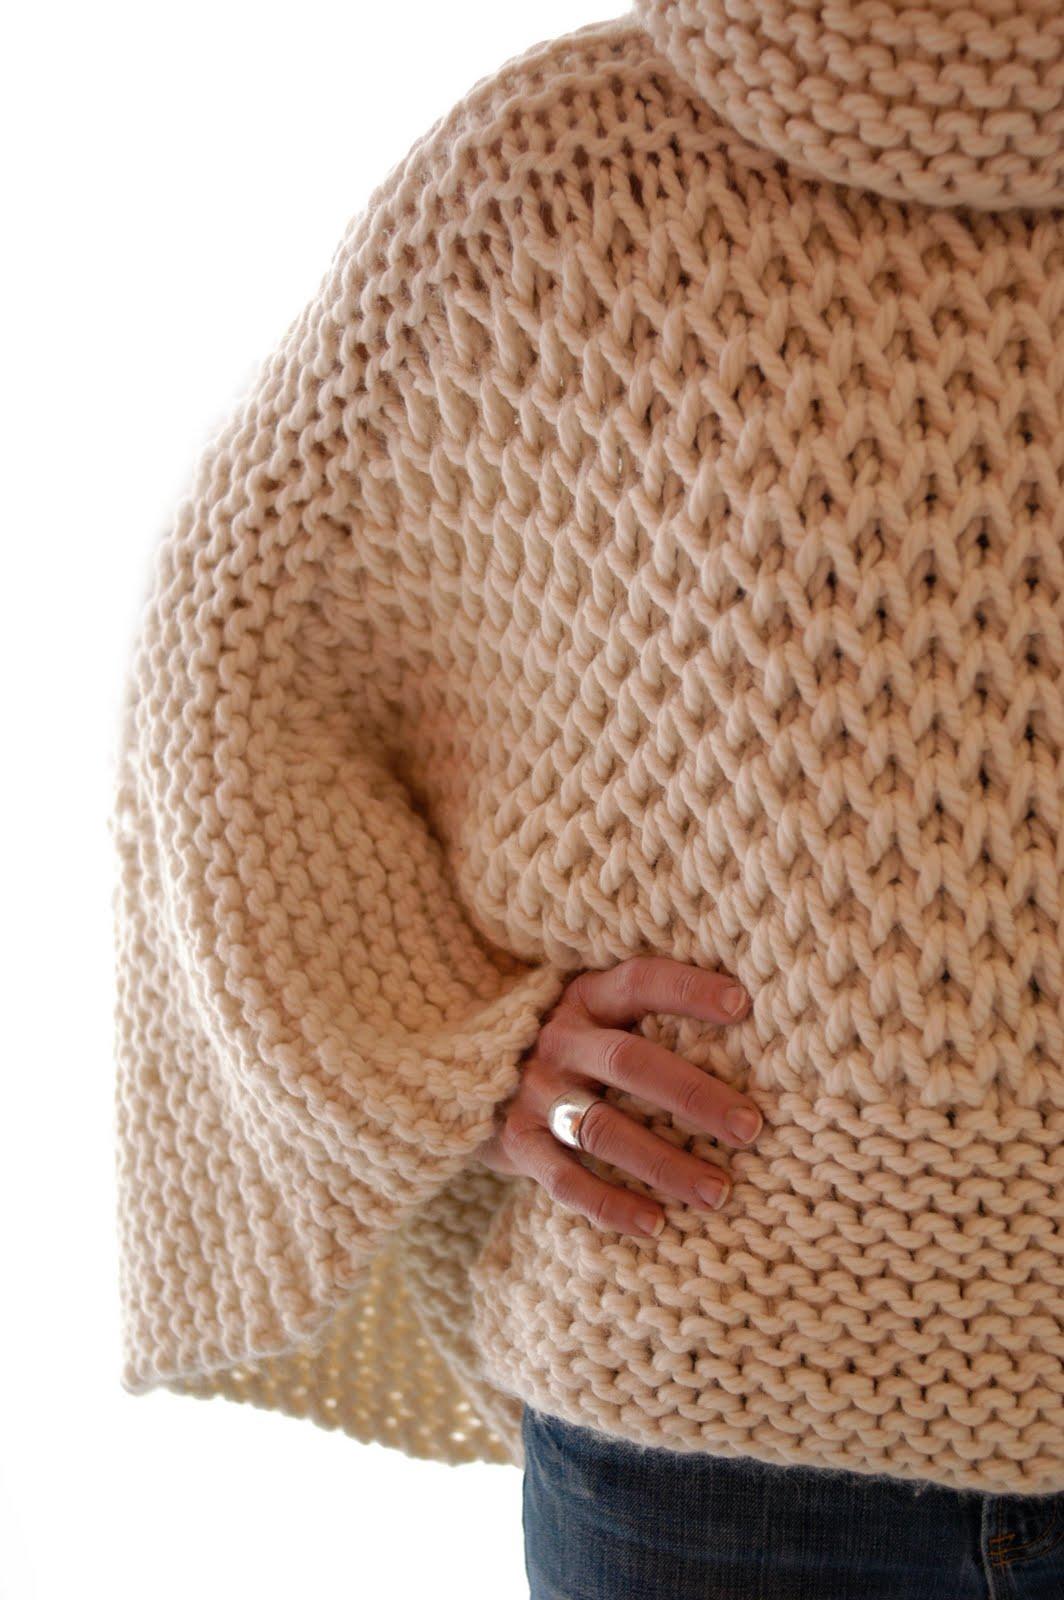 Knit 1 LA: Misti Brioche Honeycomb Sweater